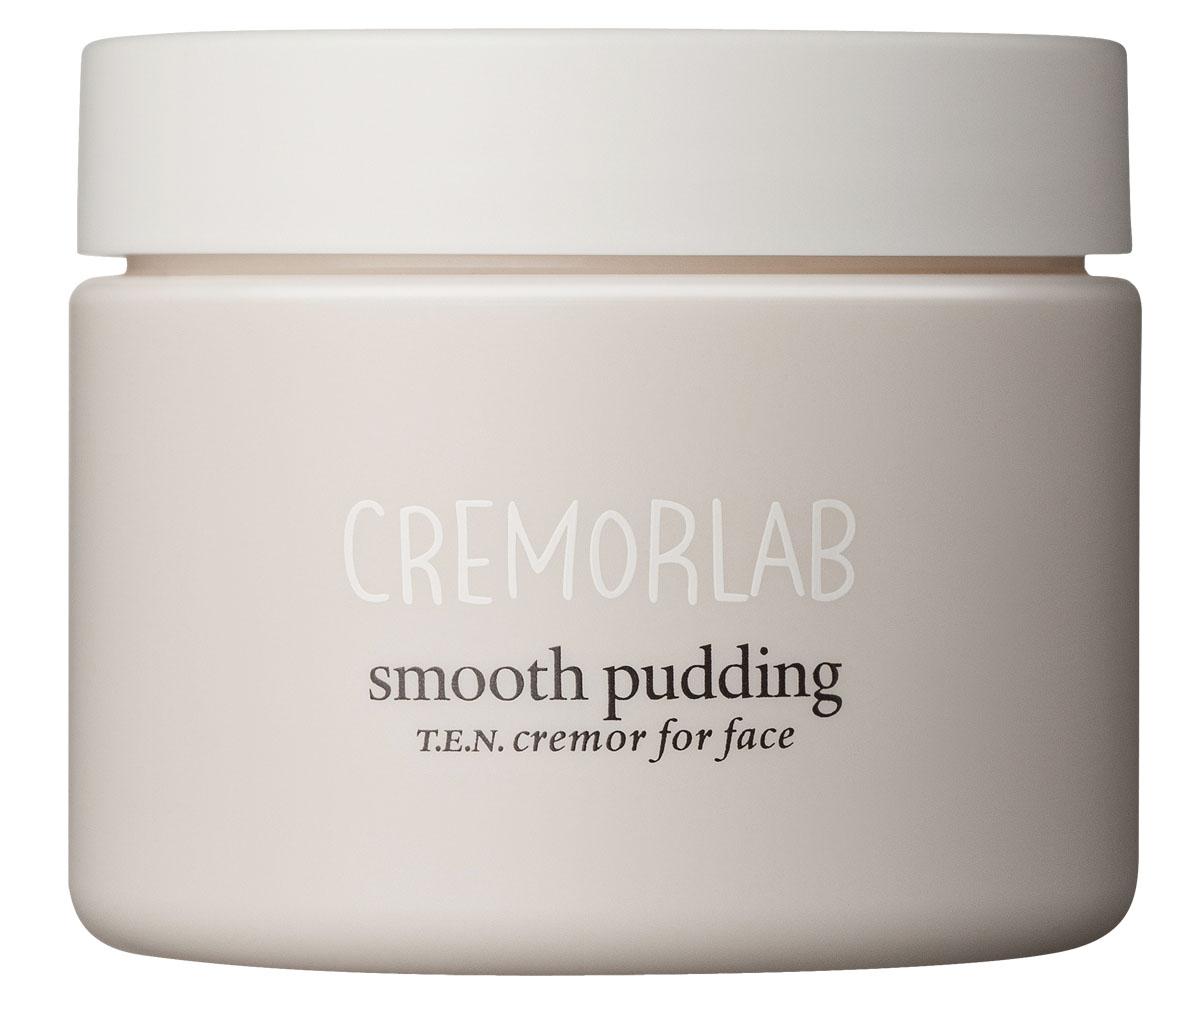 Cremorlab T.E.N. Cremor Крем-пудинг питательный Smooth Pudding, 60 мл61027Высококачественный крем с плотной насыщенной текстурой проникает в глубокие слои кожи, эффективно воздействует на глубинные и поверхностные проблемы кожи связанные с фотостарением, возрастными изменениями и вредным воздействием окружающей среды Существенно уменьшает глубину и выраженность морщин, разглаживает рельеф, восстанавливает эластичность, упругость и тонус кожи, ускоряет регенерацию поврежденных тканей. Стимулирует синтез естественного, природного коллагена и эластина, снижает активность свободных радикалов, насыщает влагой и питательными веществами, защищает от неблагоприятных факторов окружающей среды. Рекомендовано для всех типов и состояний кожи, даже очень чувствительной. Полностью отсутствуют синтетические отдушки, эмульгаторы, парабены, красители, минеральные масла и химические консерванты. Объем: 60 мл